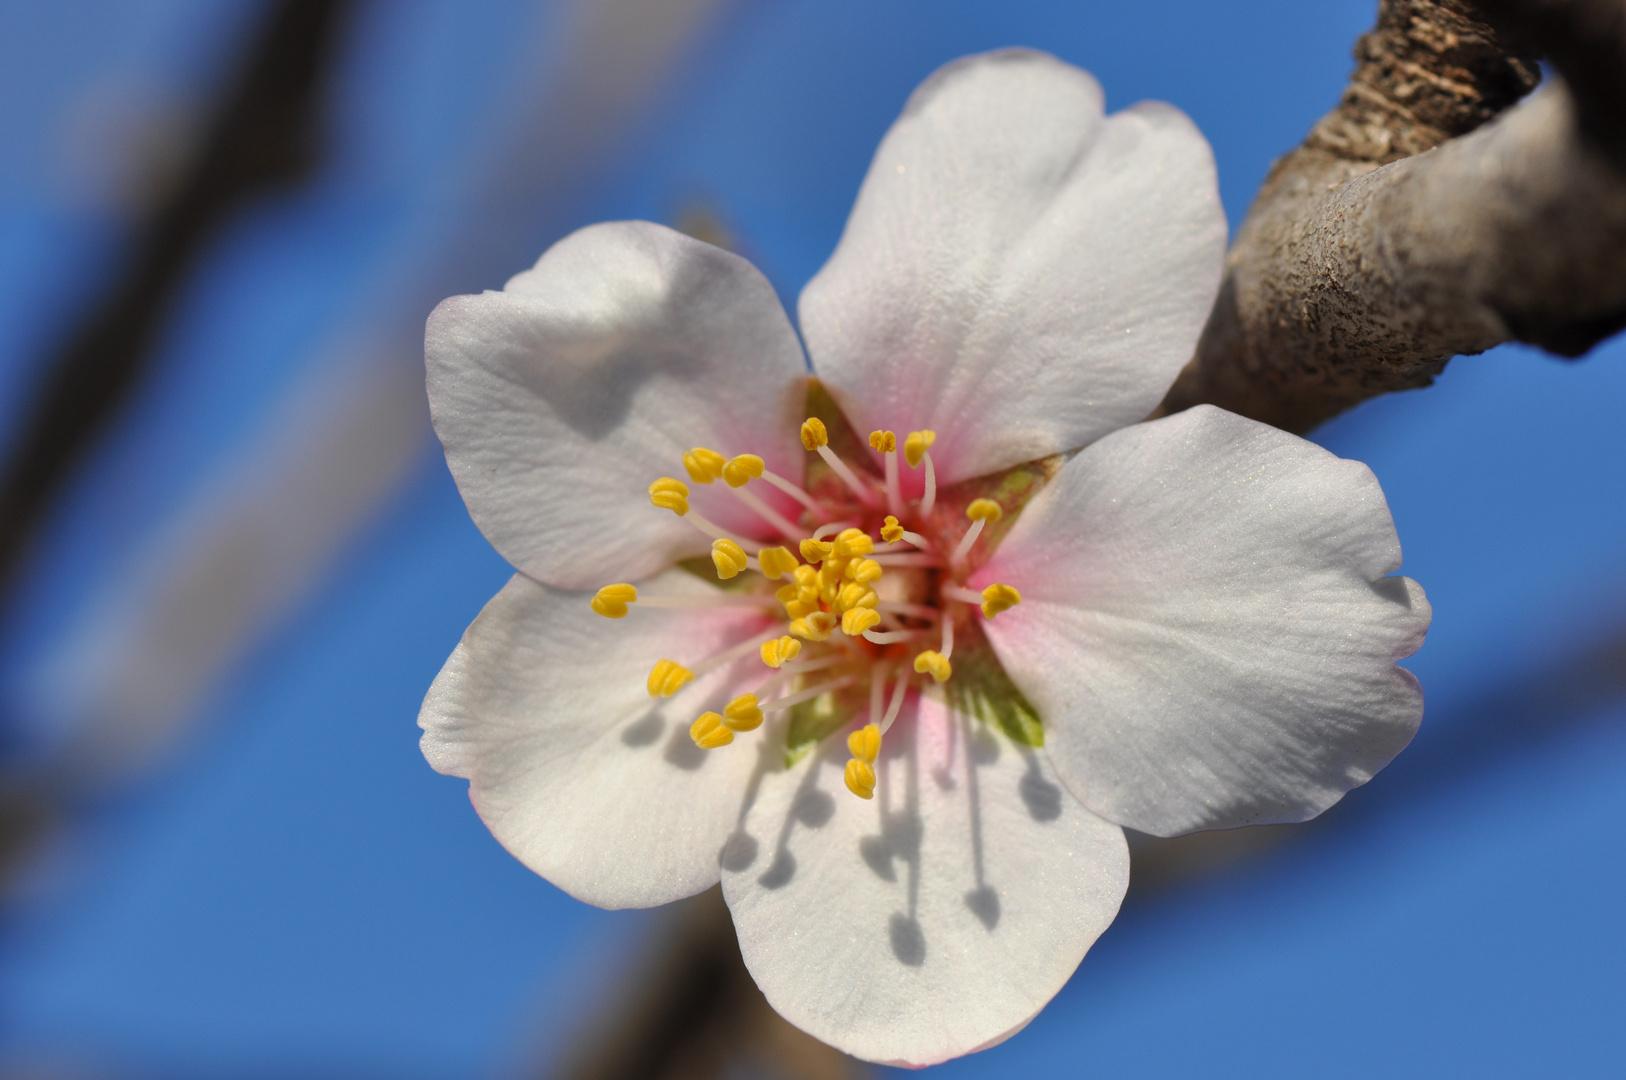 premi re fleur d 39 amandier le printemps arrive photo et image fleurs nature images. Black Bedroom Furniture Sets. Home Design Ideas